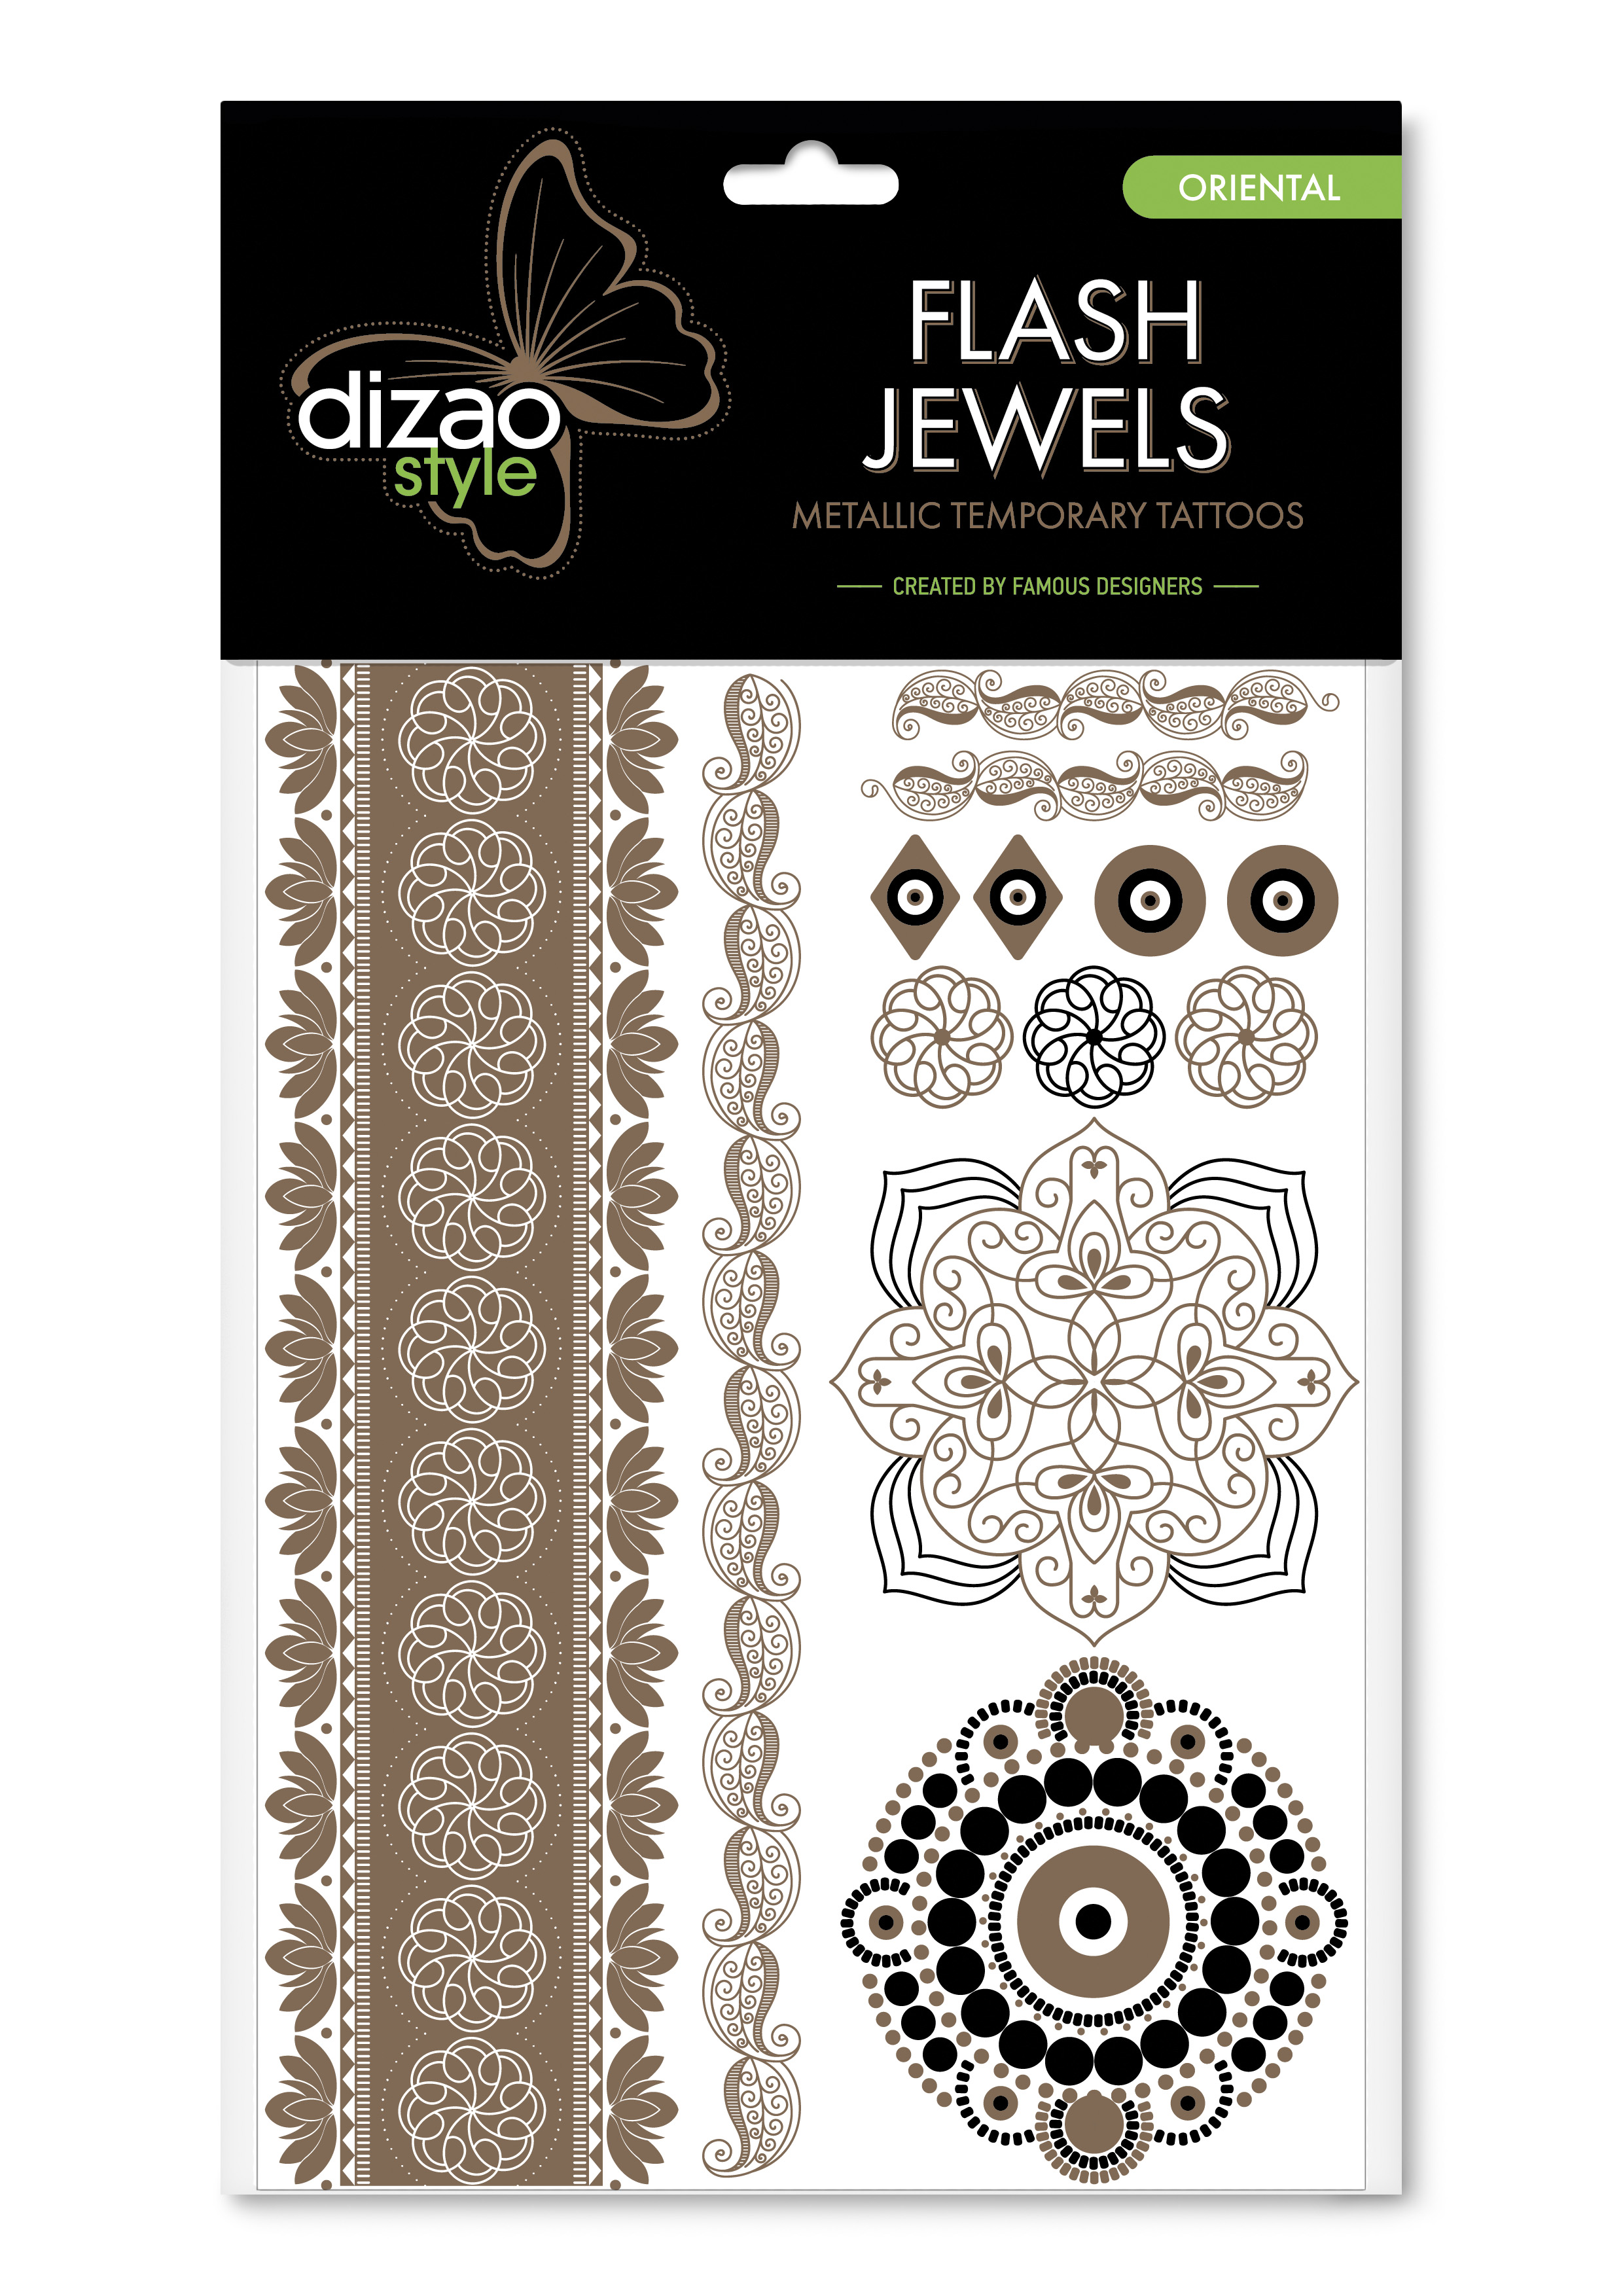 Dizao Временные золотые тату Flash Jewels: Восток5292452002526Оригинальные золотистые временные татуировки Dizao Flash Jewels: Восток позволят вам добавить изысканный штрих к вашему образу. В набор входит множество разнообразных дизайнов, которые вы сможете сочетать по своему вкусу. Откройте для себя мир идеальных линий и оригинальных дизайнов, которые заблистают на вашей коже благородным блеском золота и серебра. Позвольте украшениям стать органичной частью вашего тела. Следуйте самым последним тенденциям и всегда оставайтесь на пике моды. Подарите себе роскошь и непревзойденный стиль с тату Dizao.Премиальные золотые временные тату Flash Jewels:- имеют уникальные дизайны-держатся на коже продолжительное время, не теряя привлекательности -легко наносятся и удаляются -не вызывают покраснений и раздражений, не содержат токсичных компонентовПрименять временные тату невероятно легко: вырежьте понравившуюся аппликацию, наложите ее рисунком вниз на сухую чистую кожу, прижмите к аппликации мокрую губку или ватный диск в течении 30 секунд, а затем удалите бумагу и позвольте аппликации высохнуть. Для того, чтобы удалить временную татуировку, нанесите на аппликацию косметическое или оливковое масло и осторожно сотрите ватным диском.